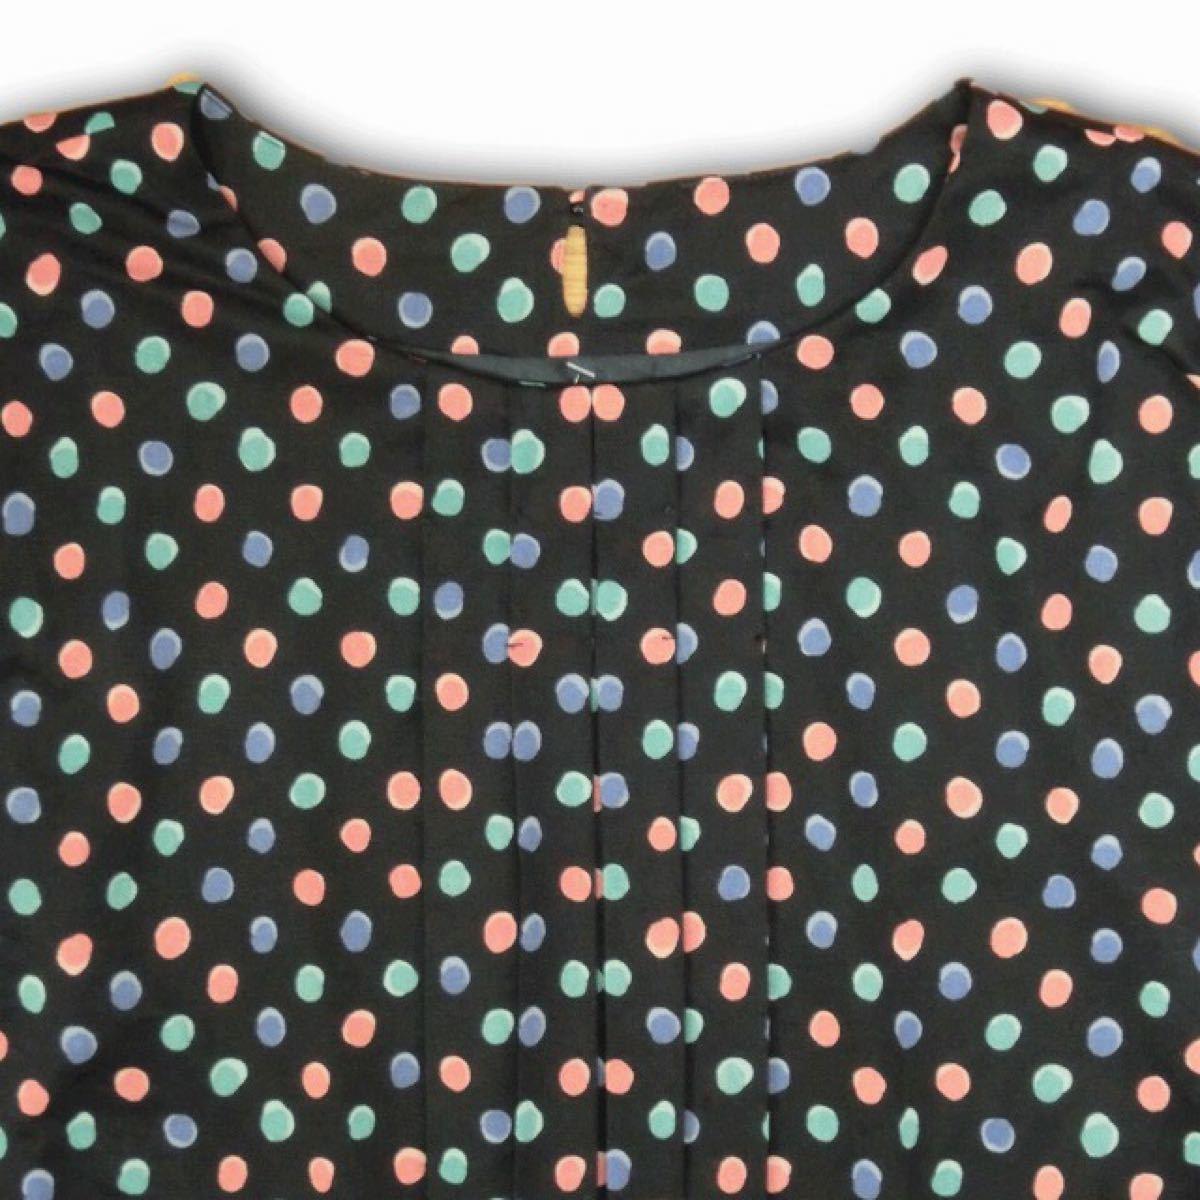 レトロ 古着  ワンピース 半袖 かわいい ポップ ドット柄 ひざ丈 2-73